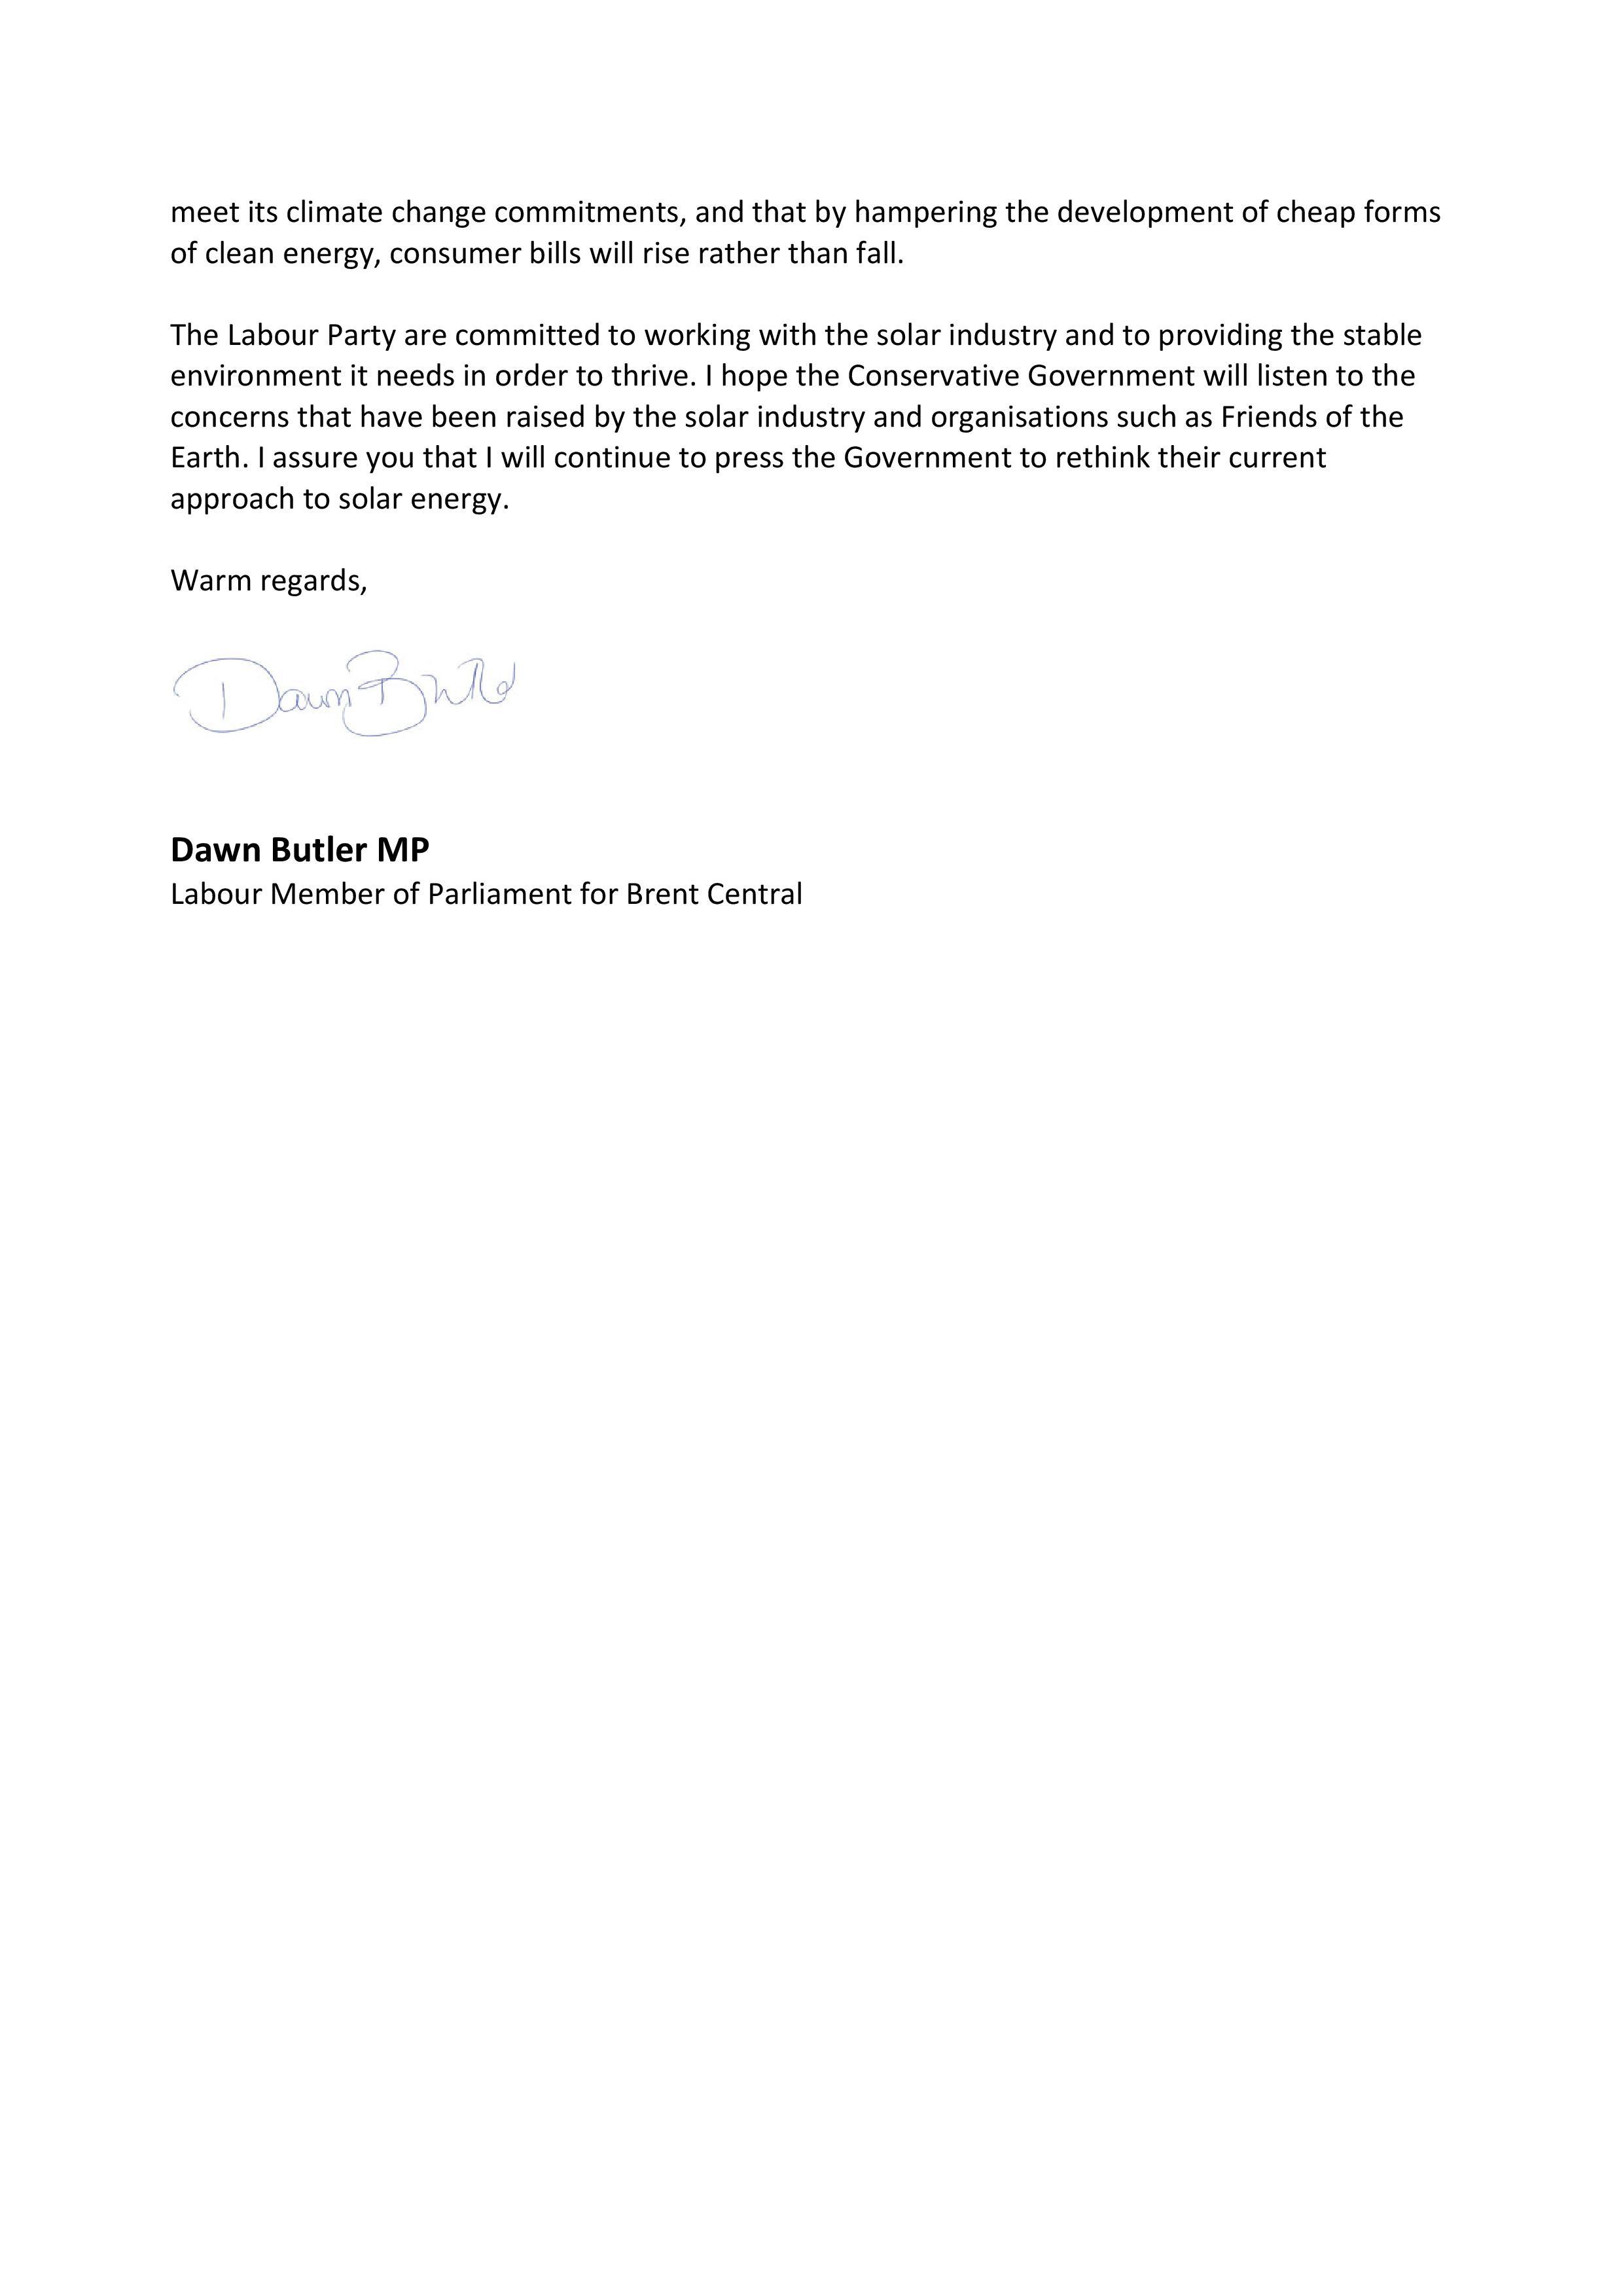 Feeder-In-Tariffs_letter-page-002.jpg